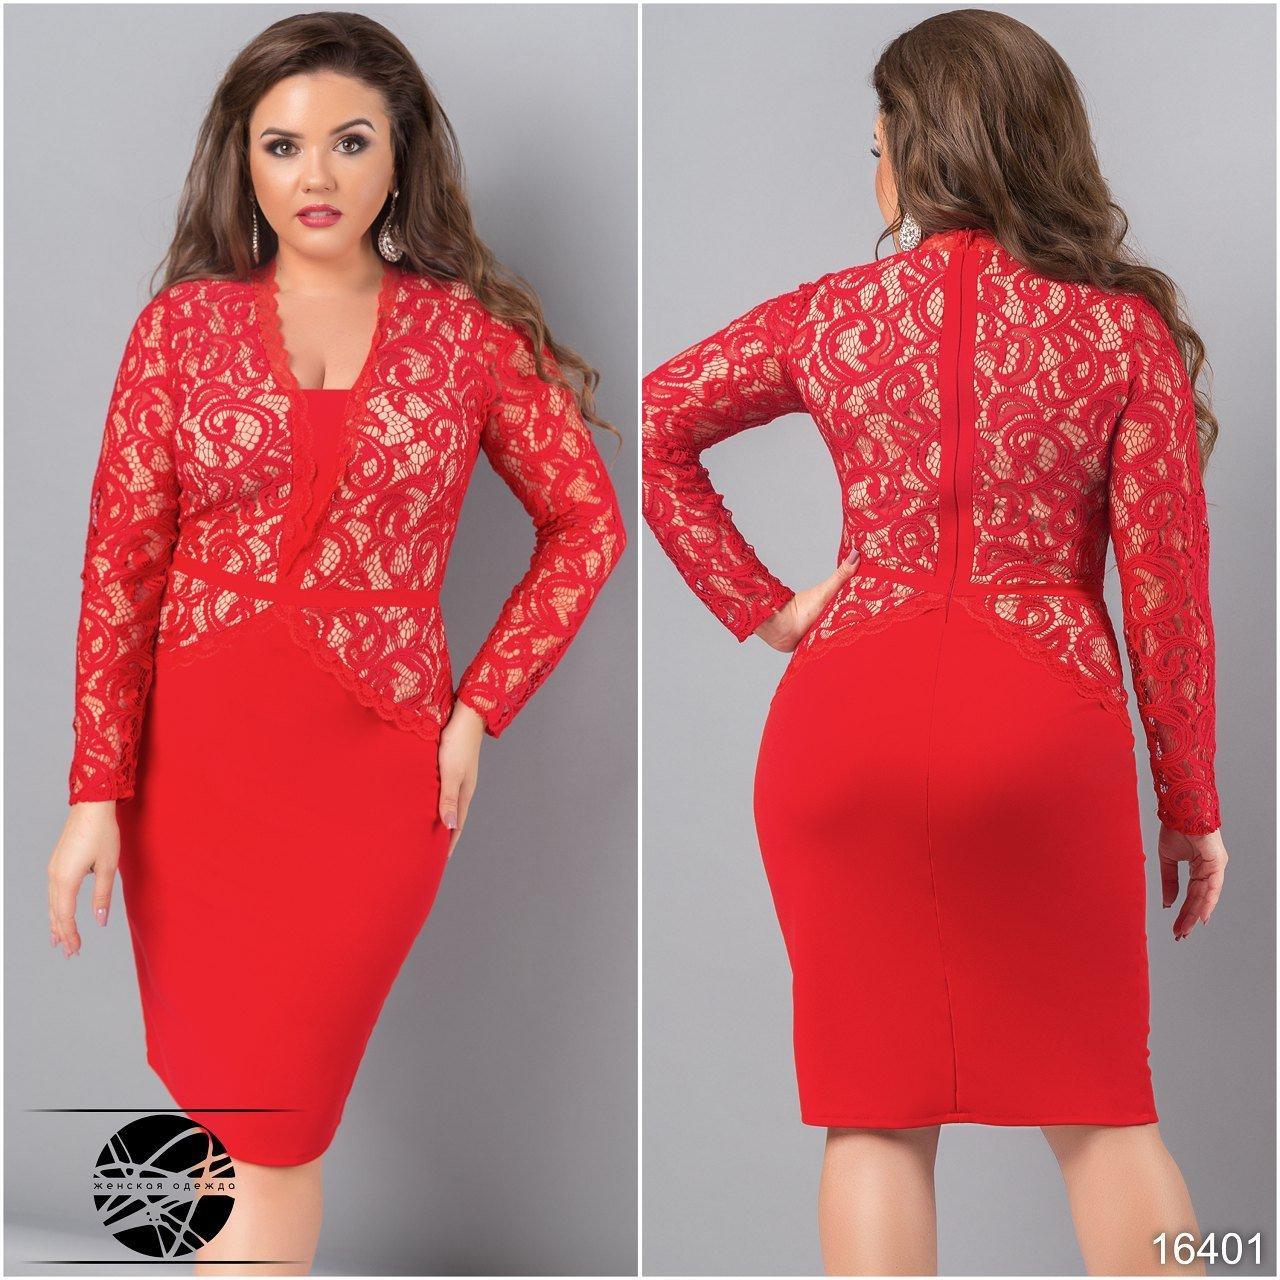 950384a5b67 Коктейльное платье с гипюром красного цвета с длинным рукавом. Размеры 48-54.  Модель